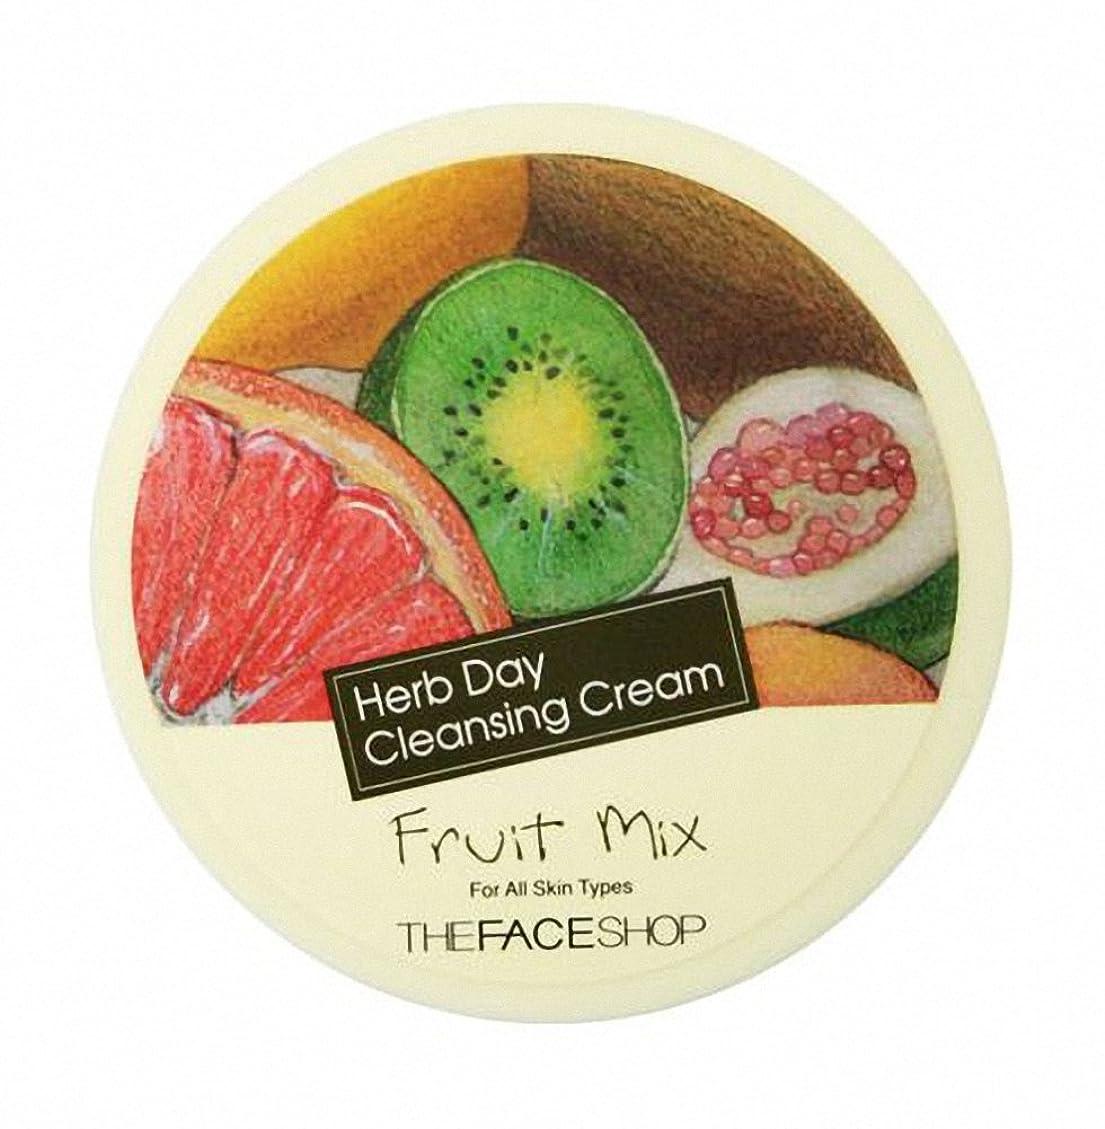 フェッチ付添人扱うザ·フェイスショップ The Face Shop ハーブデイ クレンジングクリーム 150ml (フルーツミックス) The Face Shop Herb Day Cleansing Cream 150ml (Fruit Mix)[海外直送品]